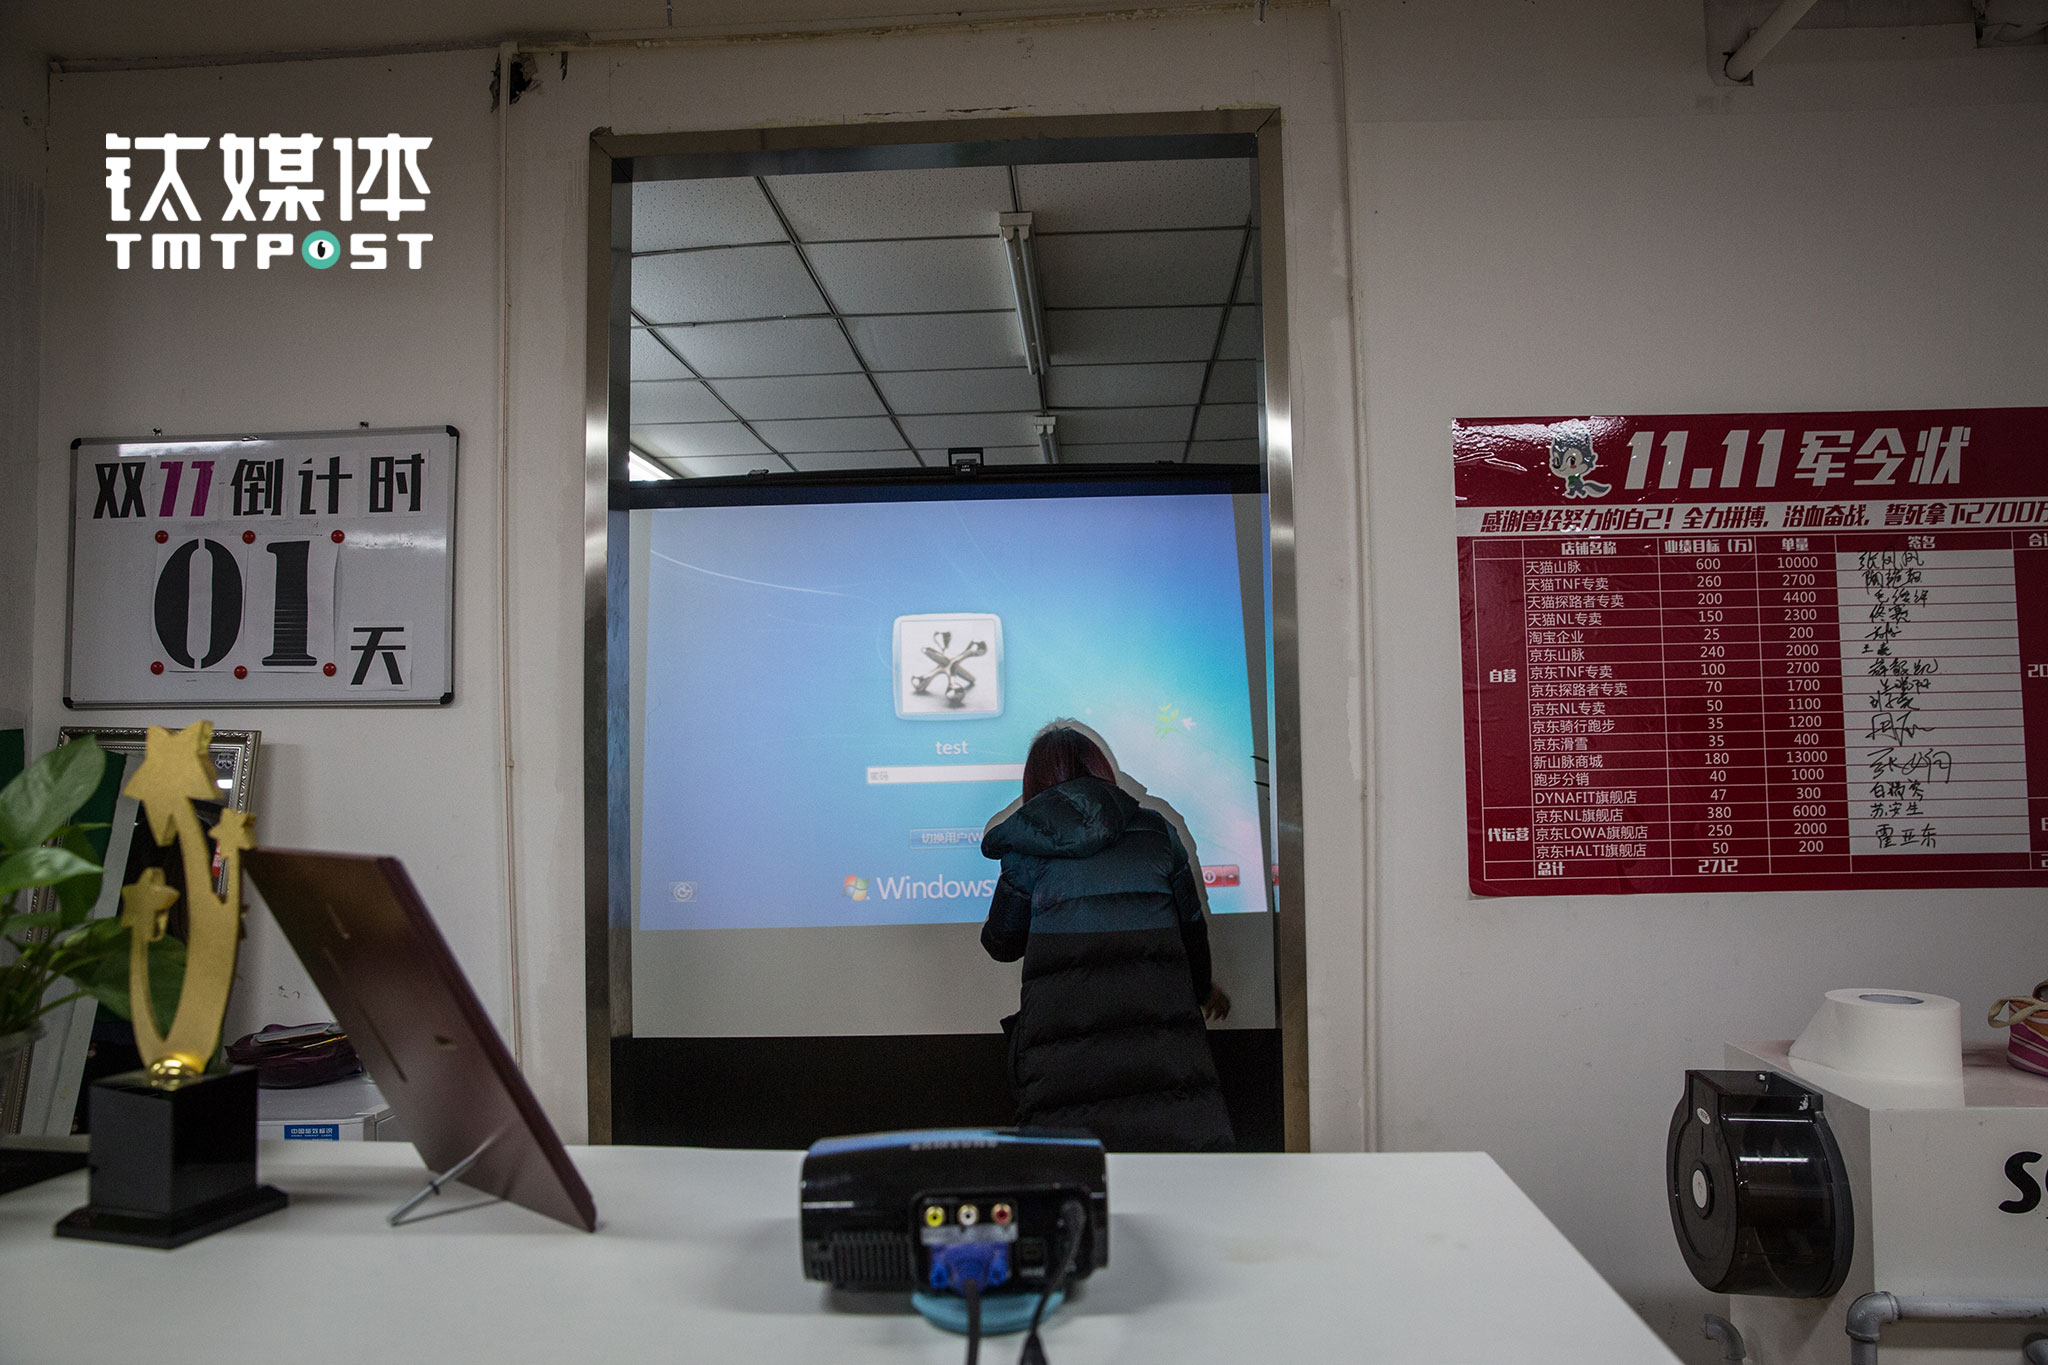 """2016年11月10日22点,北京,电商""""双十一""""大促即将到来,山脉户外办公室支起了背投,11日零点开始,这块幕布上将实时显示这家公司旗下部分店铺的成交量。两边的墙壁上,贴着""""双十一""""倒计时标示和2016年""""双十一""""总计2712万的销售目标。"""